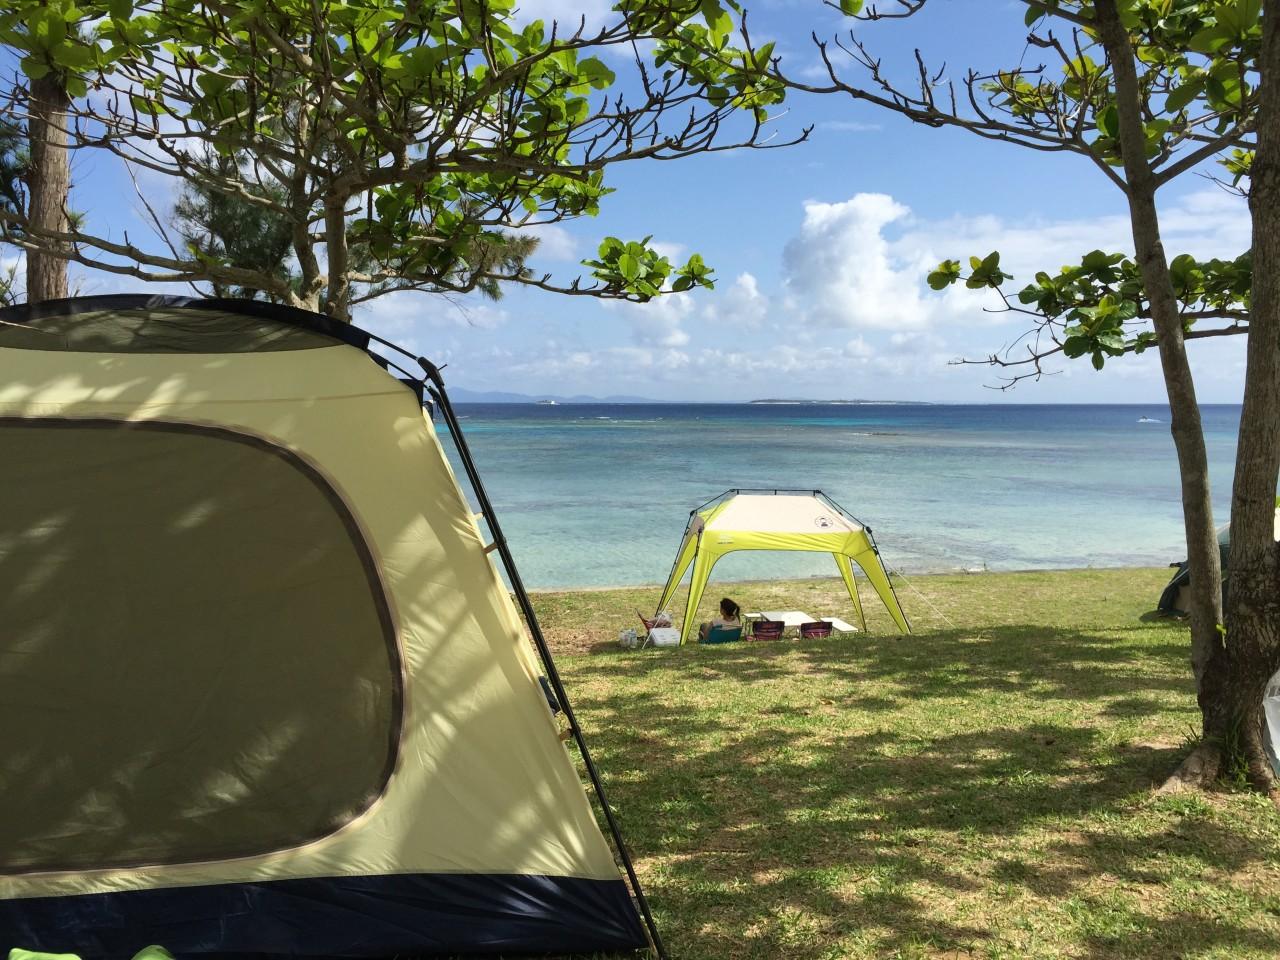 ゴールデンウィーク2015 伊江島でキャンプ!